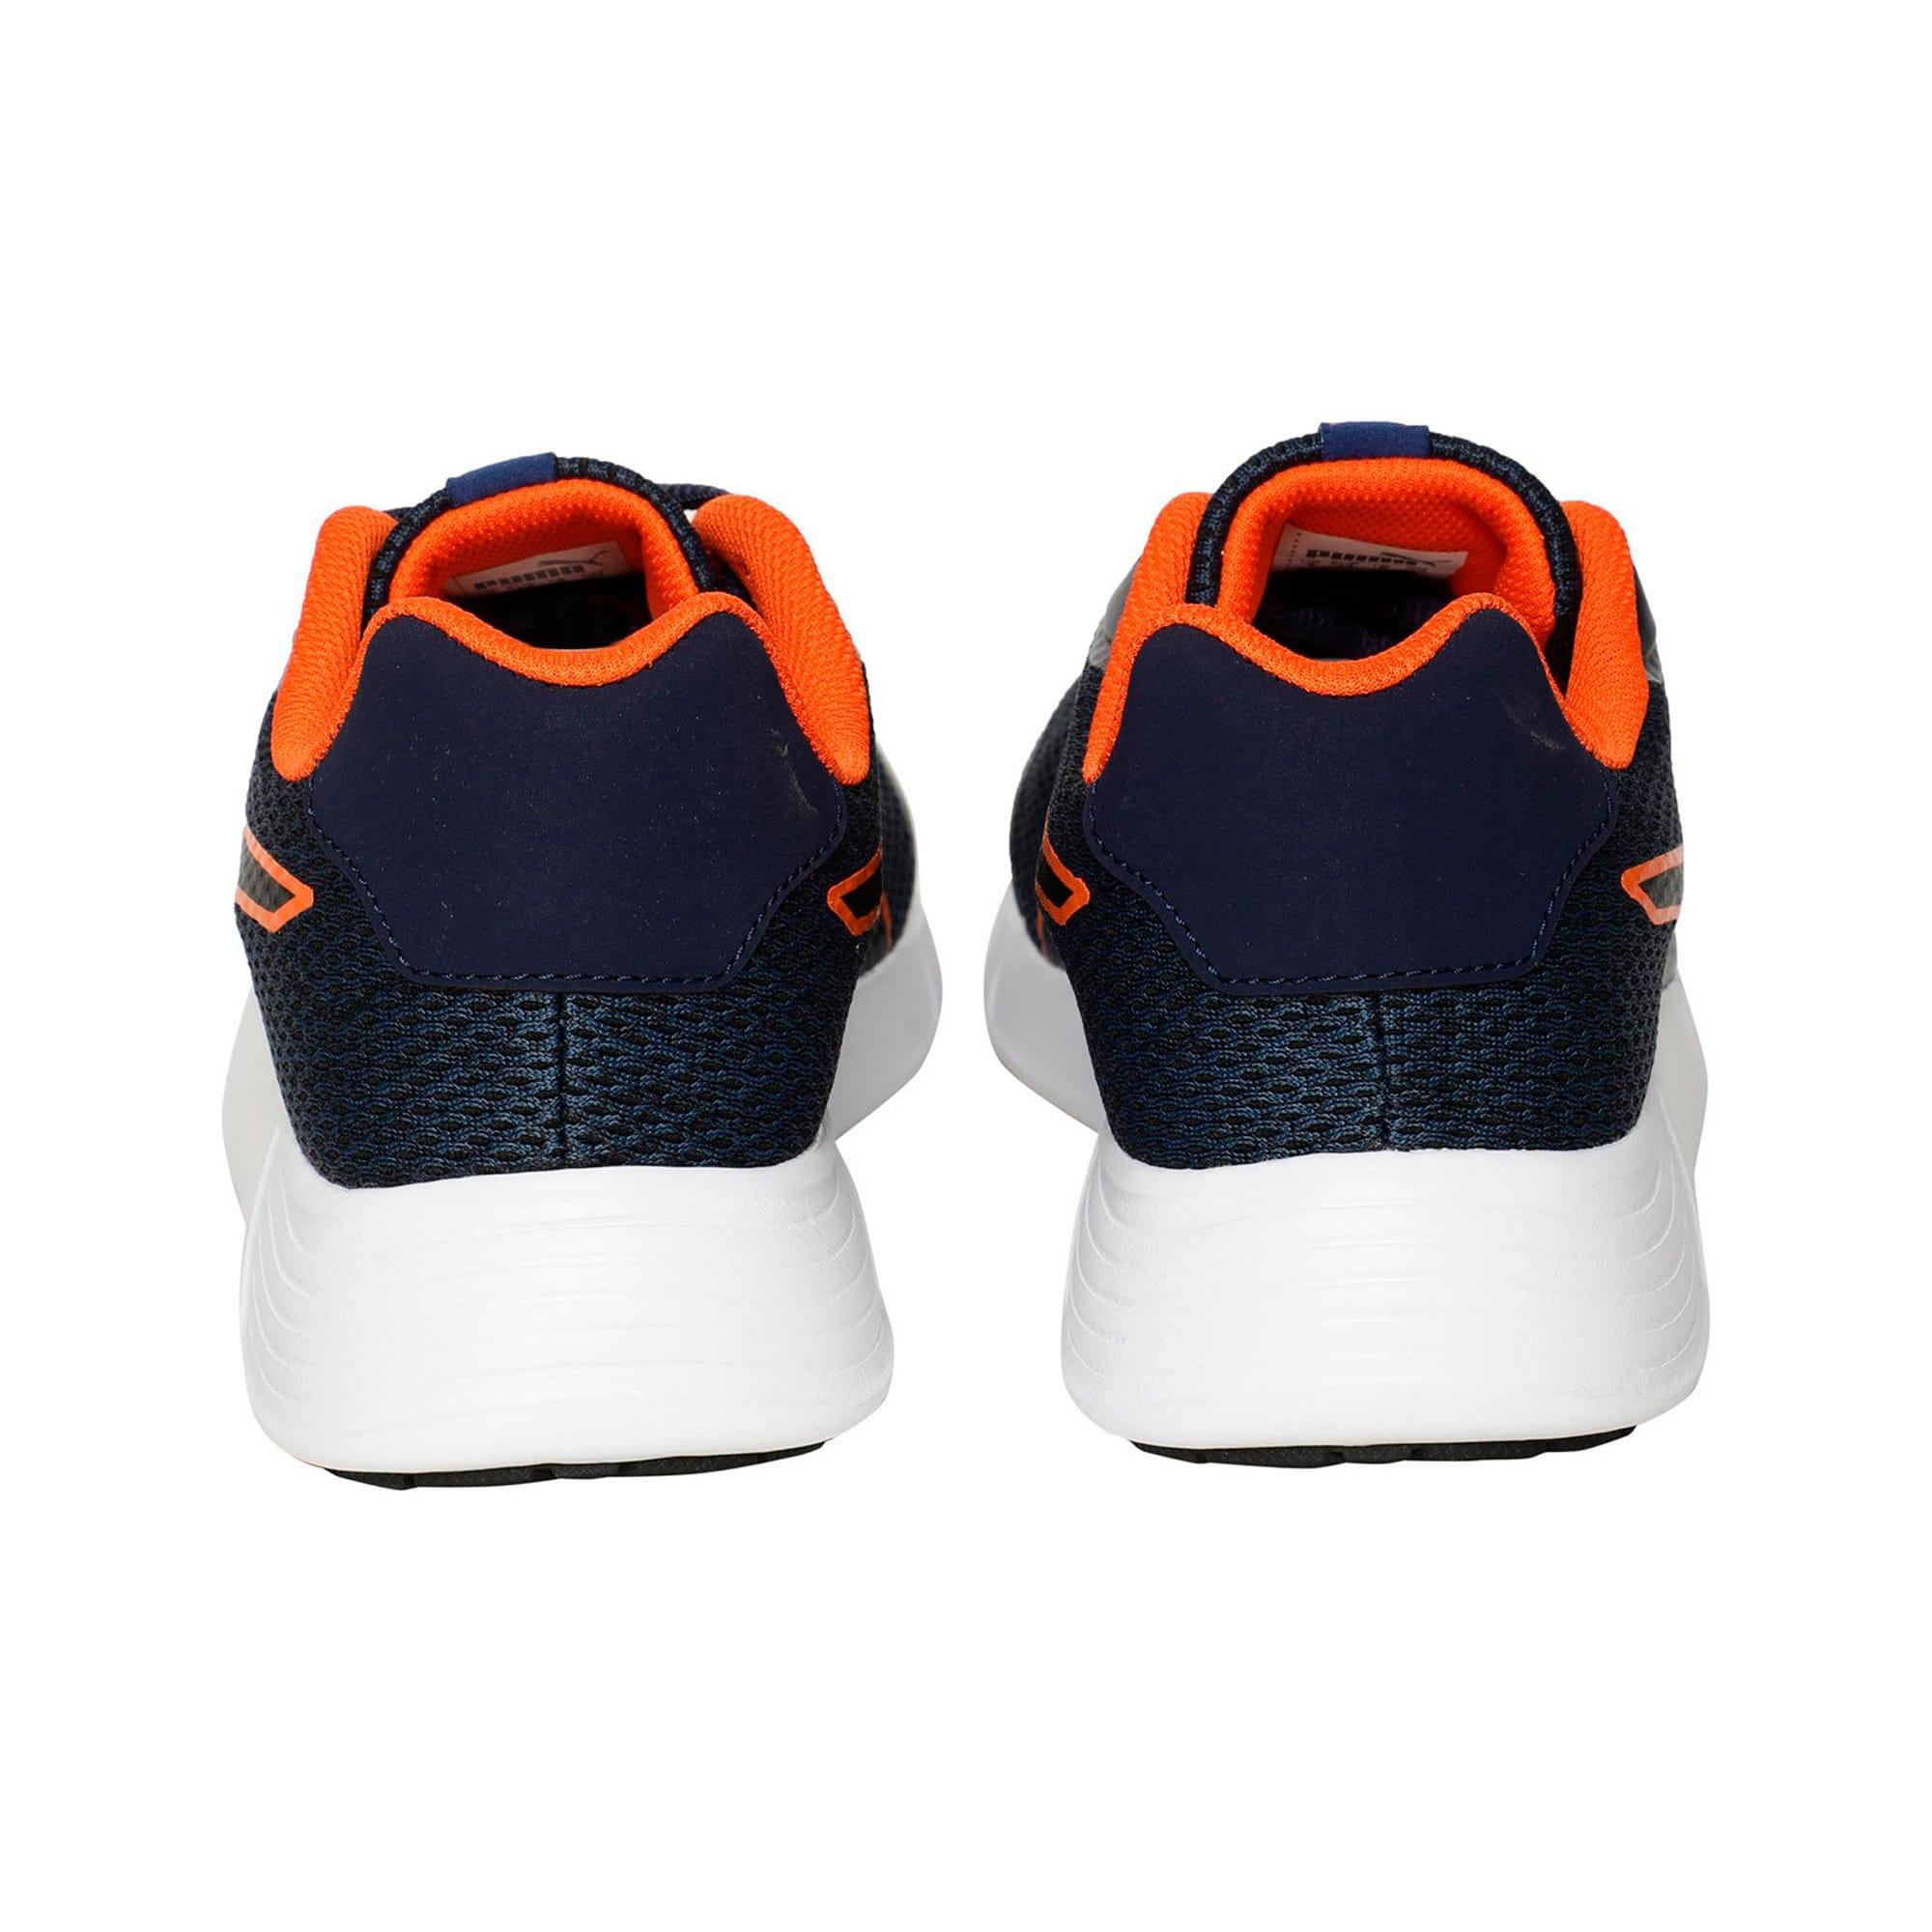 Thumbnail 3 of FST Runner v2 IDP Men's Sportstyle Shoes, Peacoat-Firecracker-Black, medium-IND